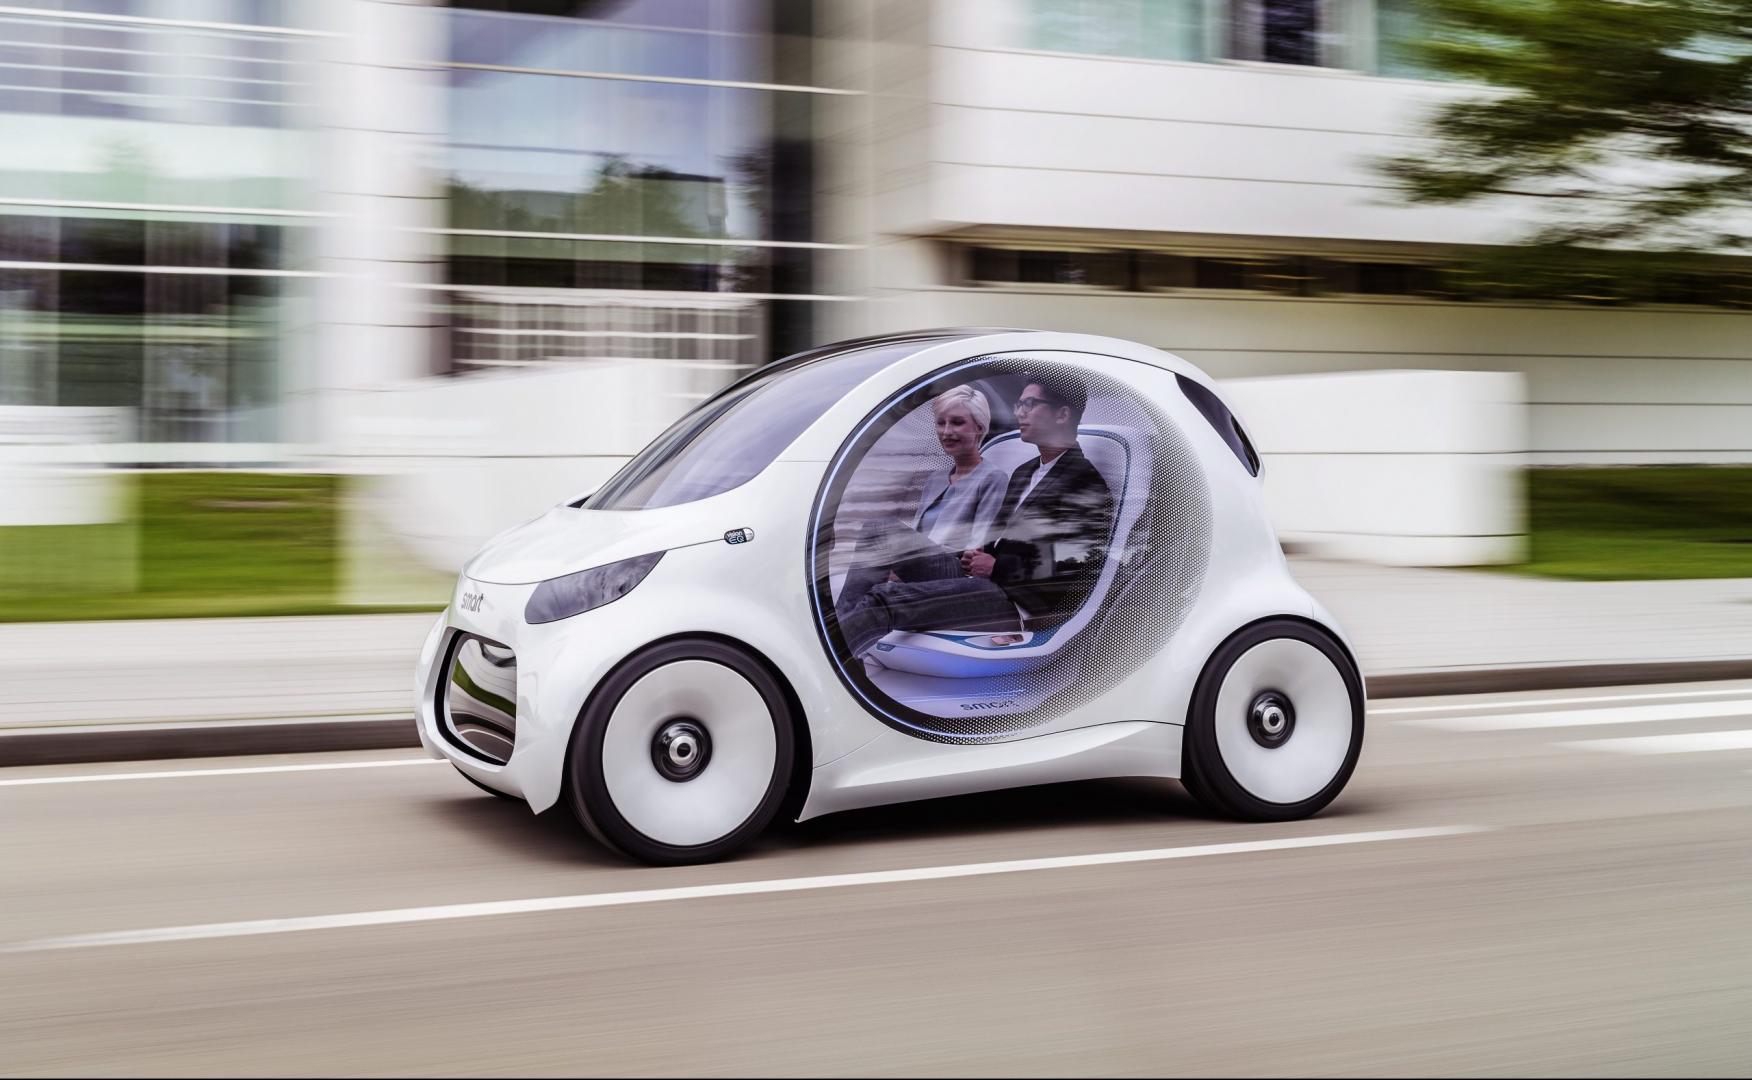 Autonoom rijden gaat niet werken - Smart Vision EQ Fortwo